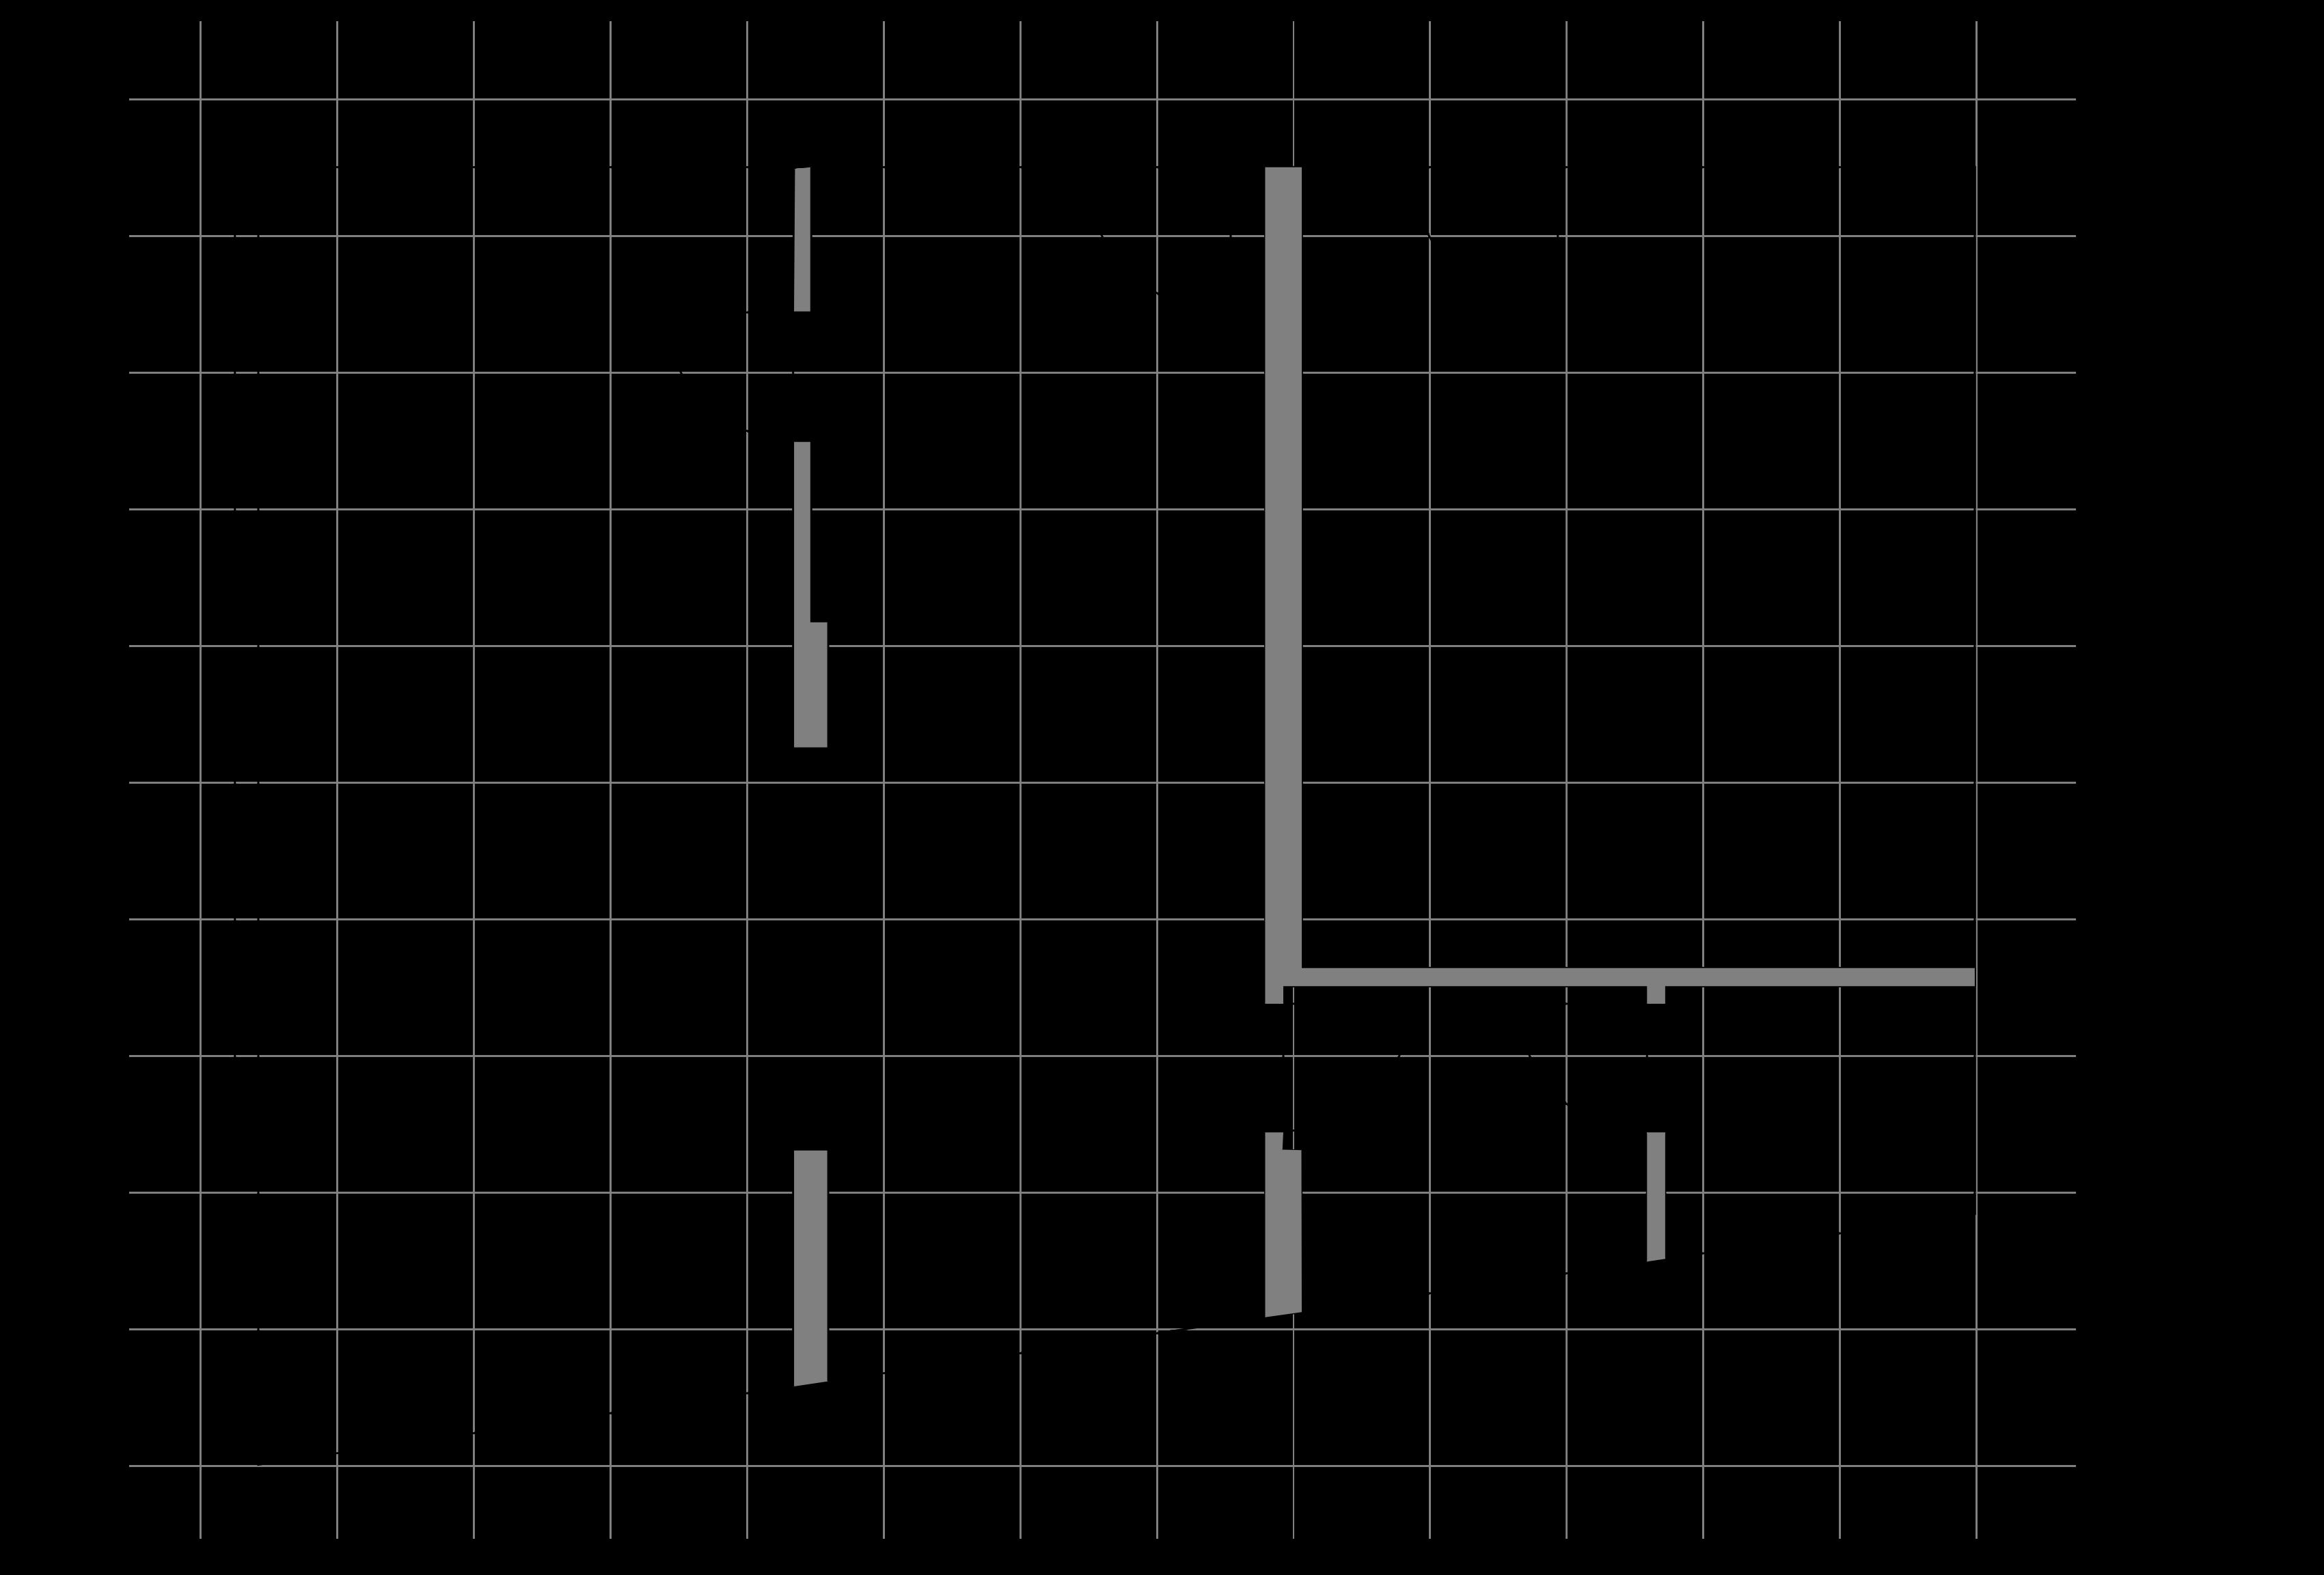 Grundriss der Räumlichkeiten in der Fackenburger Allee